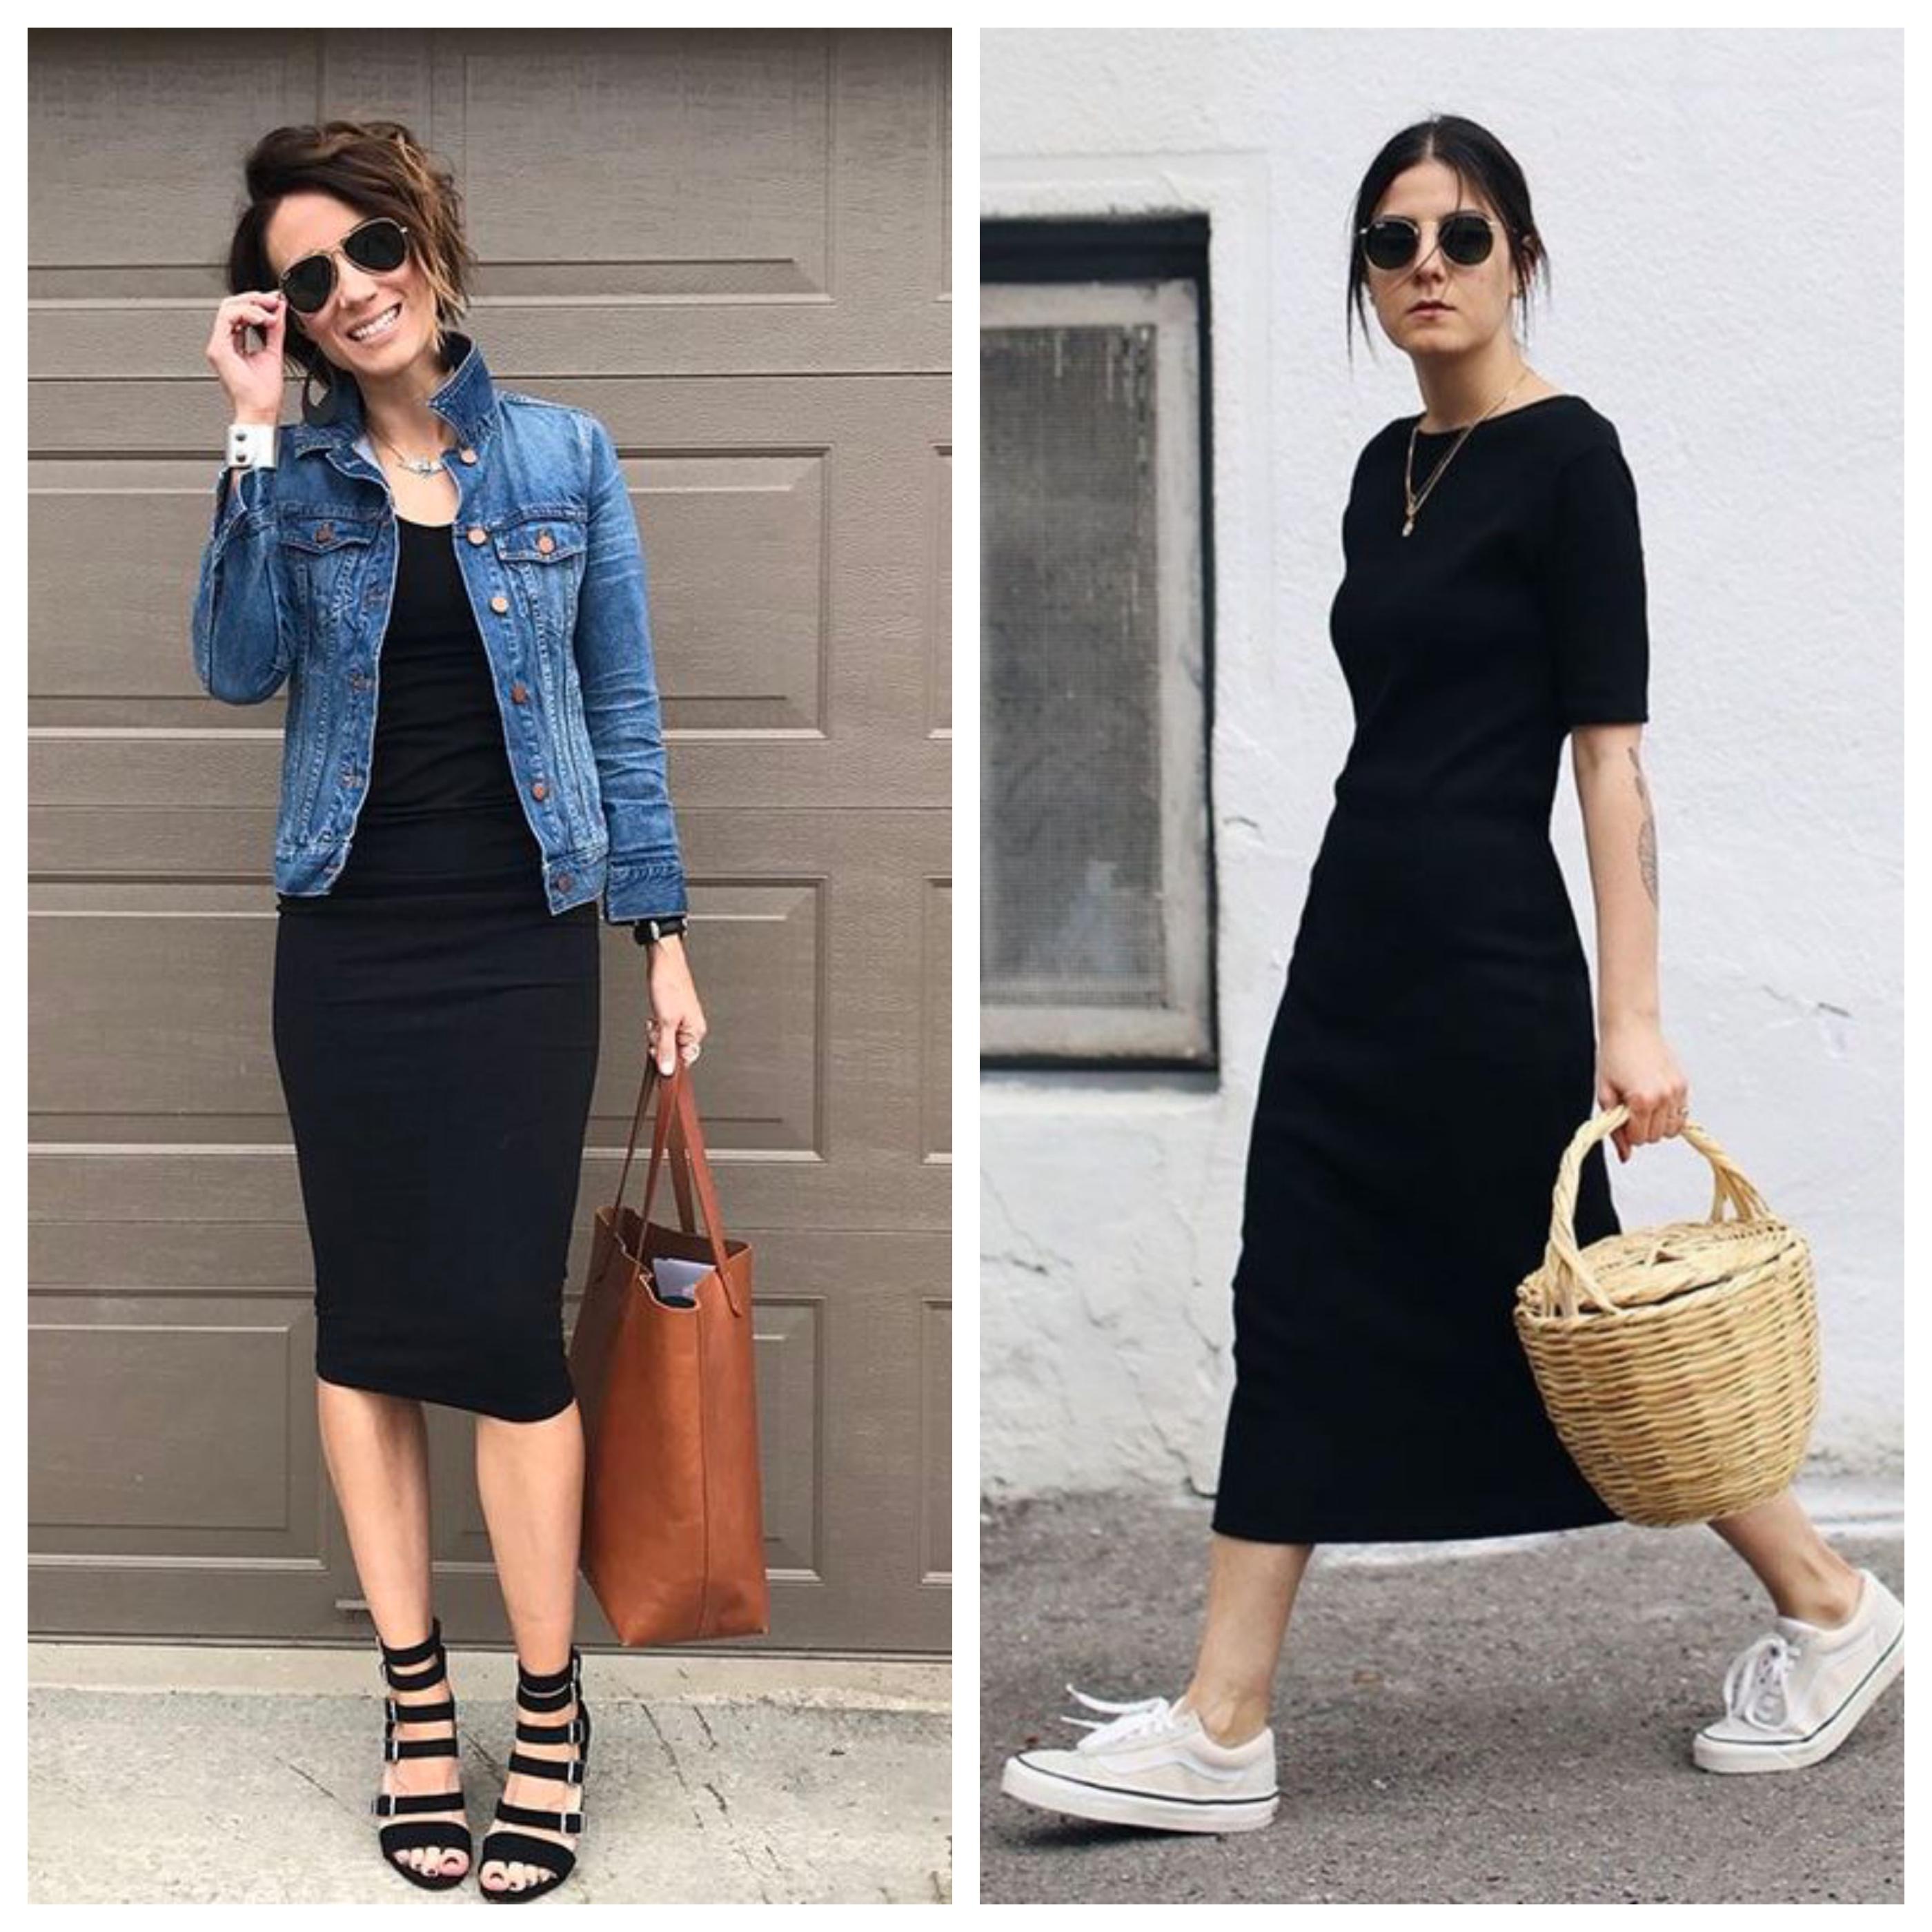 Обувь и аксессуары под черное платье